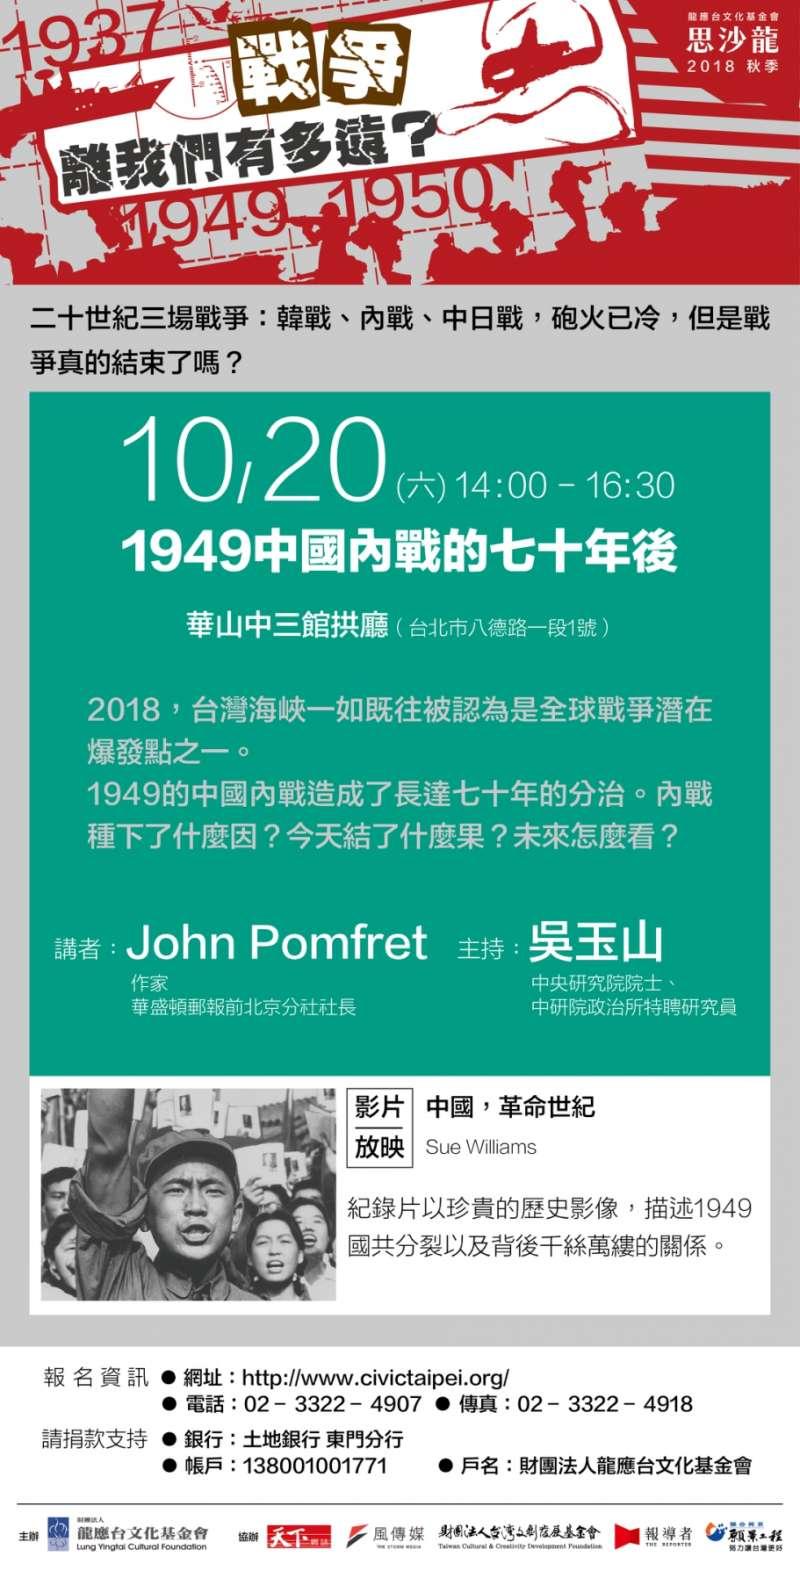 龍應台文化基金會於周六(20日)在華山中三館拱廳舉辦講座「1949中國內戰的七十年後」,圖為相關活動資訊。(龍應台文化基金會提供)